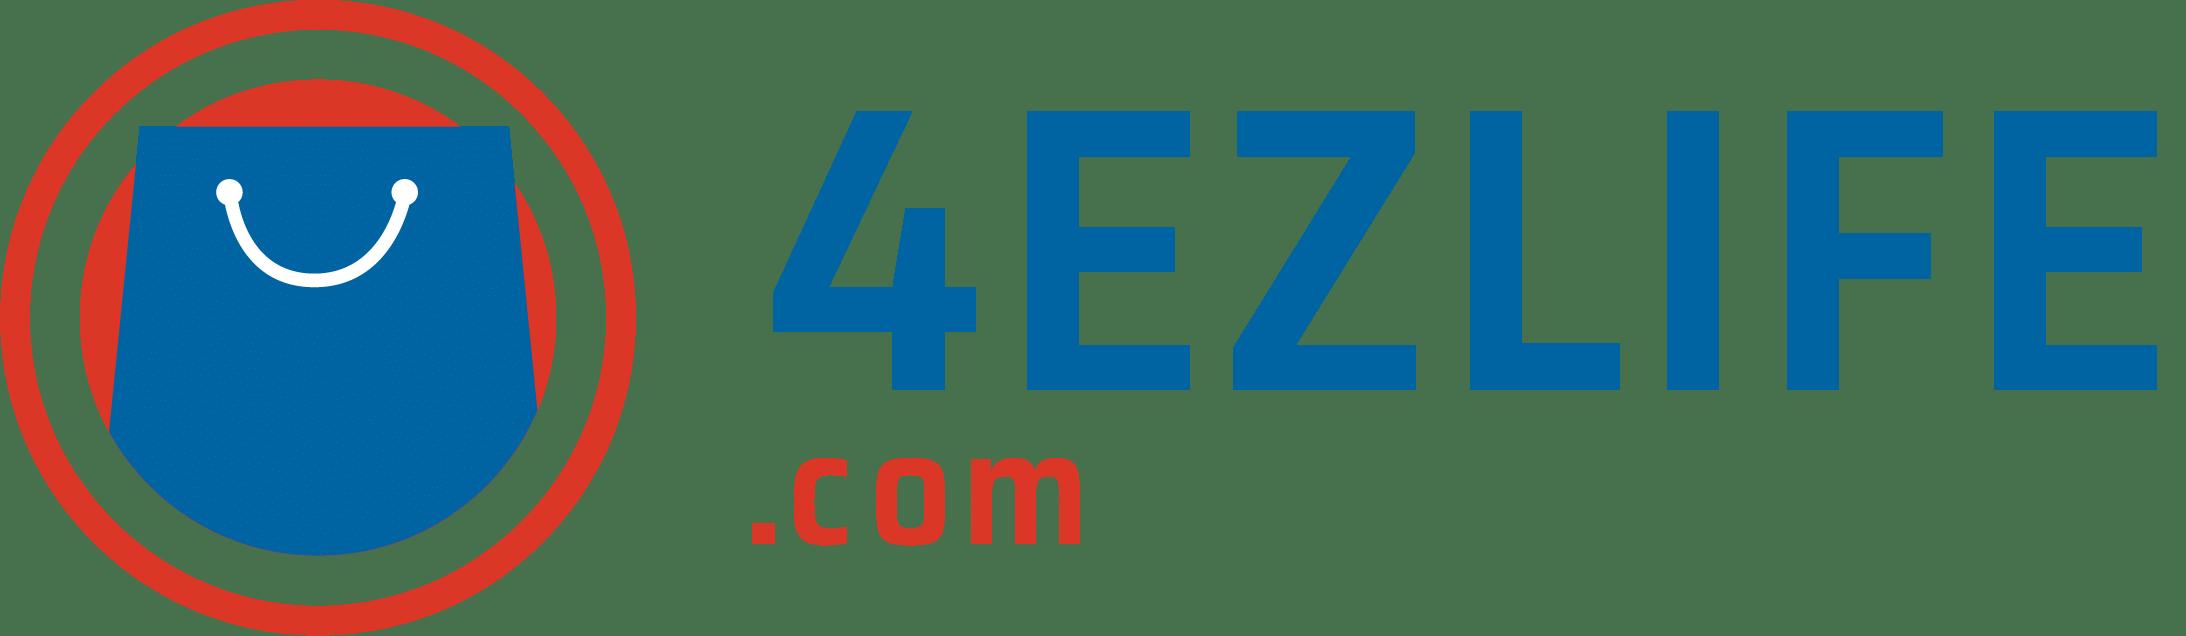 4EZLIFE